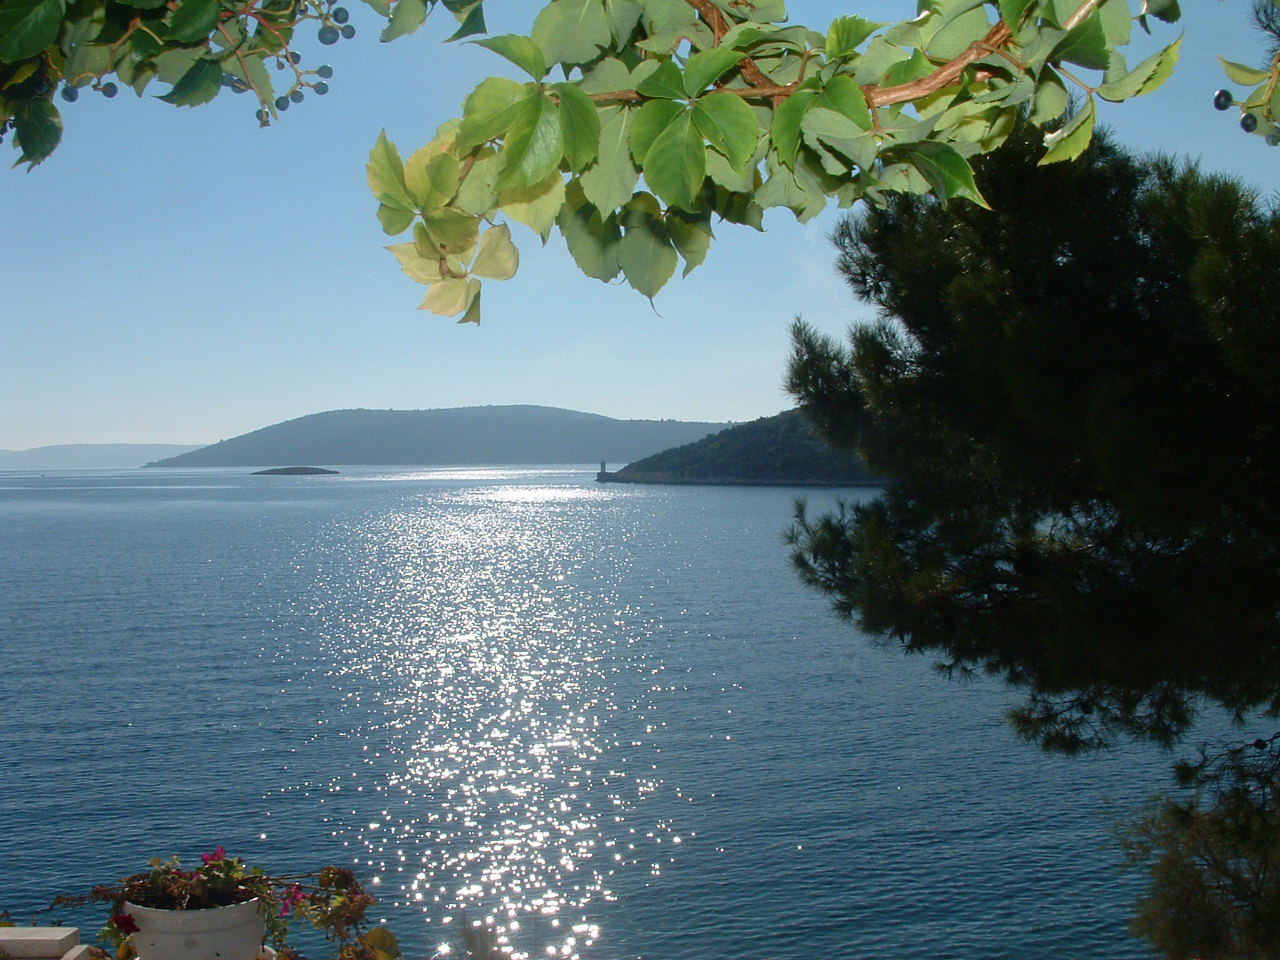 Ante Č - Vinisce - Appartementen Kroatië - uitzicht op zee (huis en omgeving)